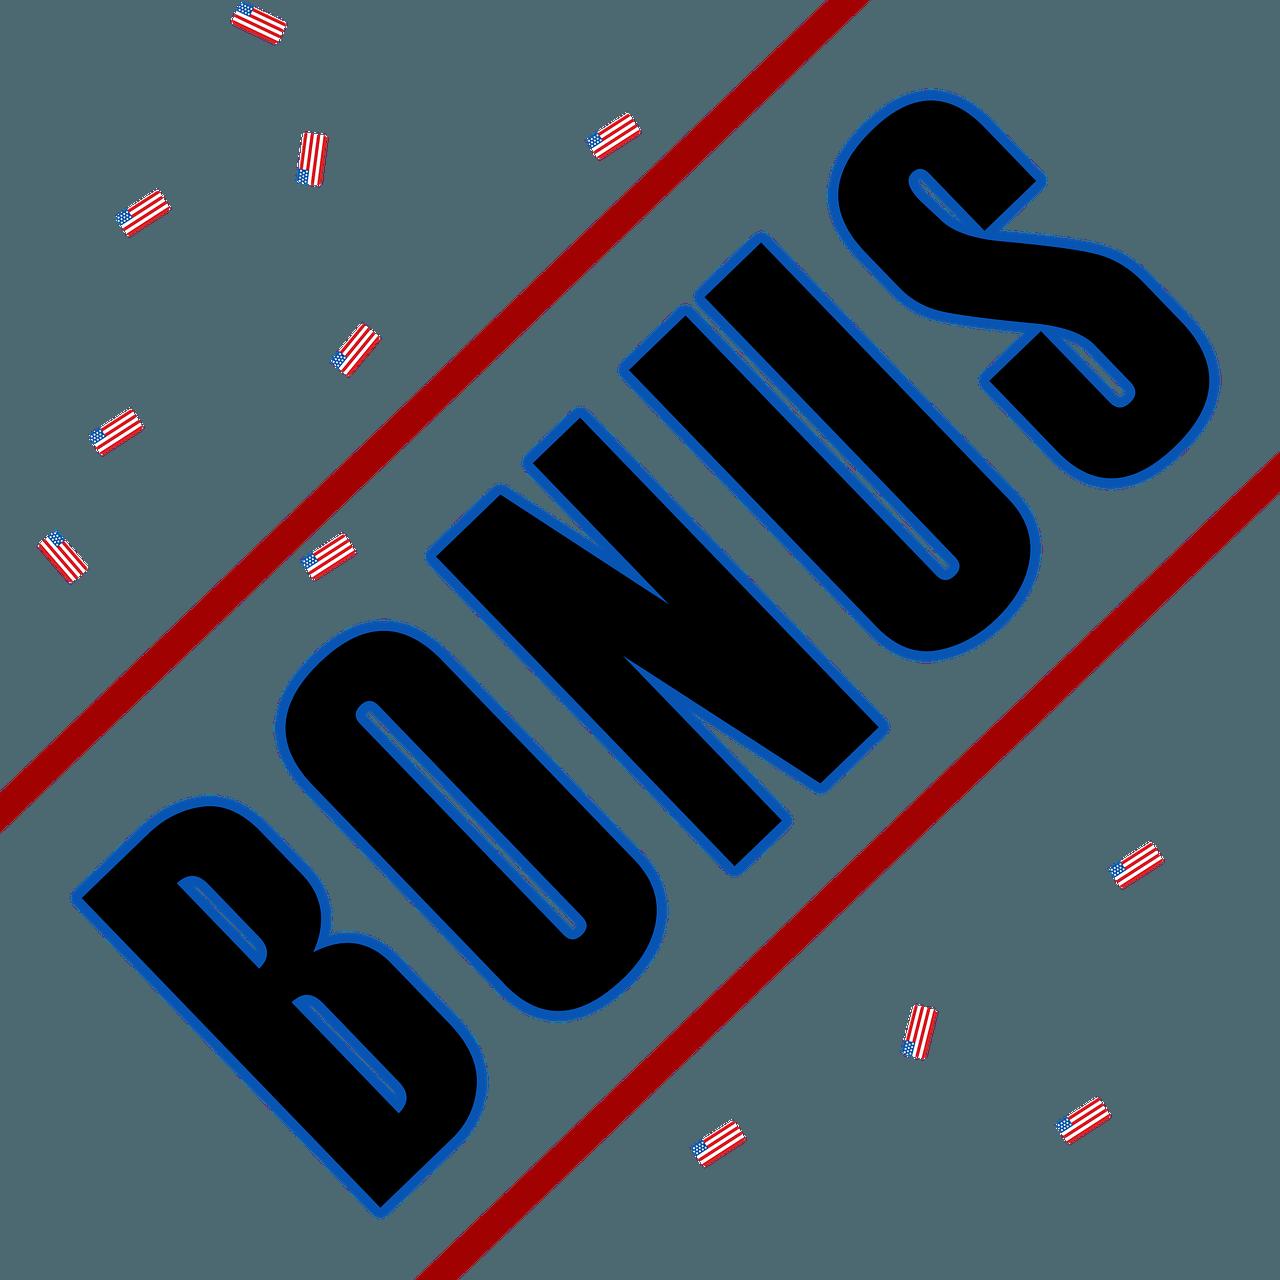 Bliv ikke snydt med bonuskoder!